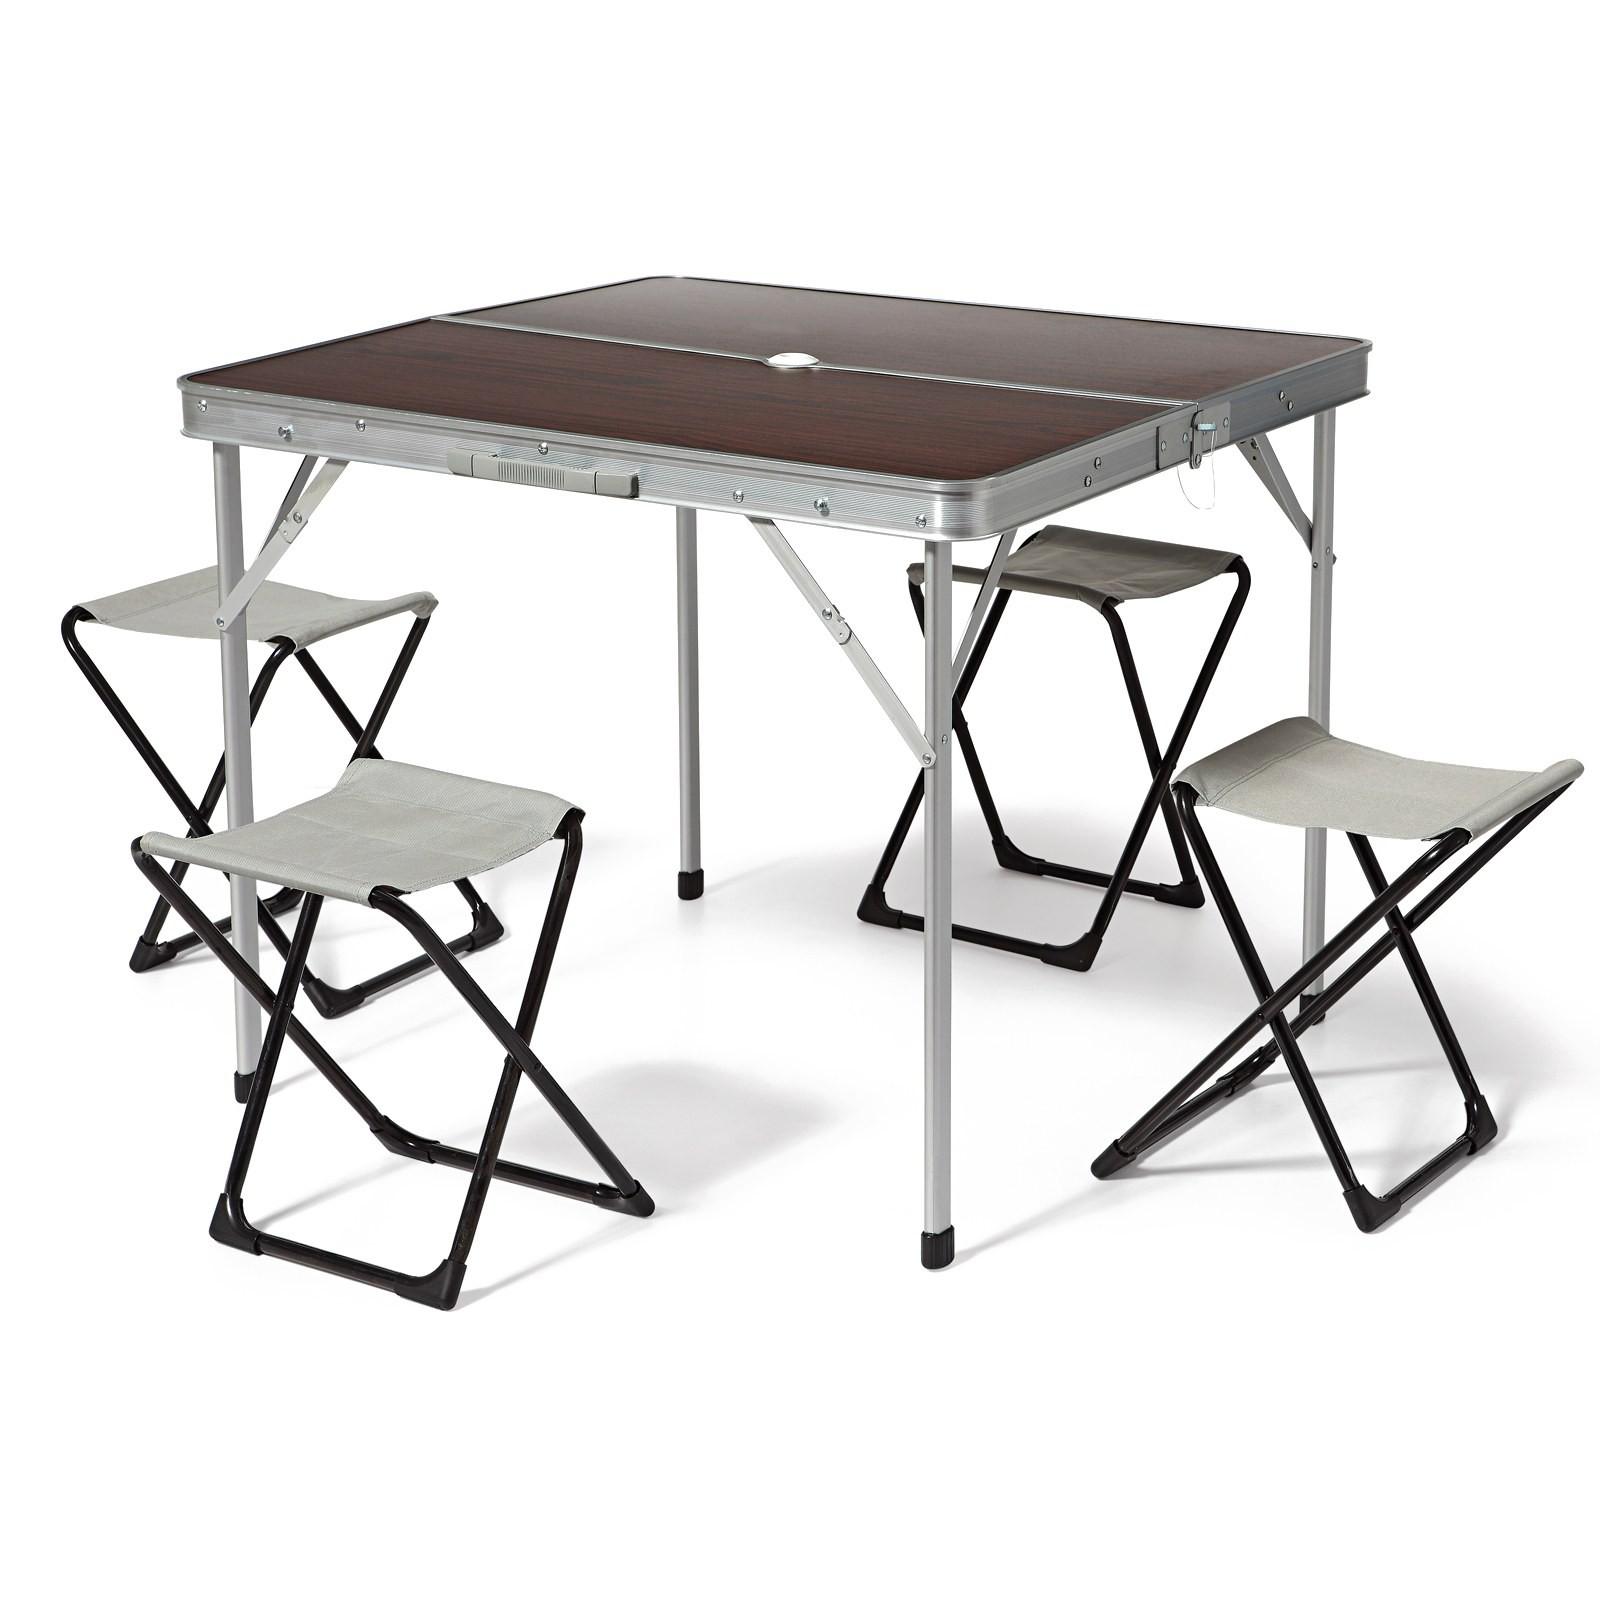 Tavolo Pieghevole Alluminio Campeggio.Tavolo Tavolino Pieghevole In Alluminio Con Sedie Picnic Da